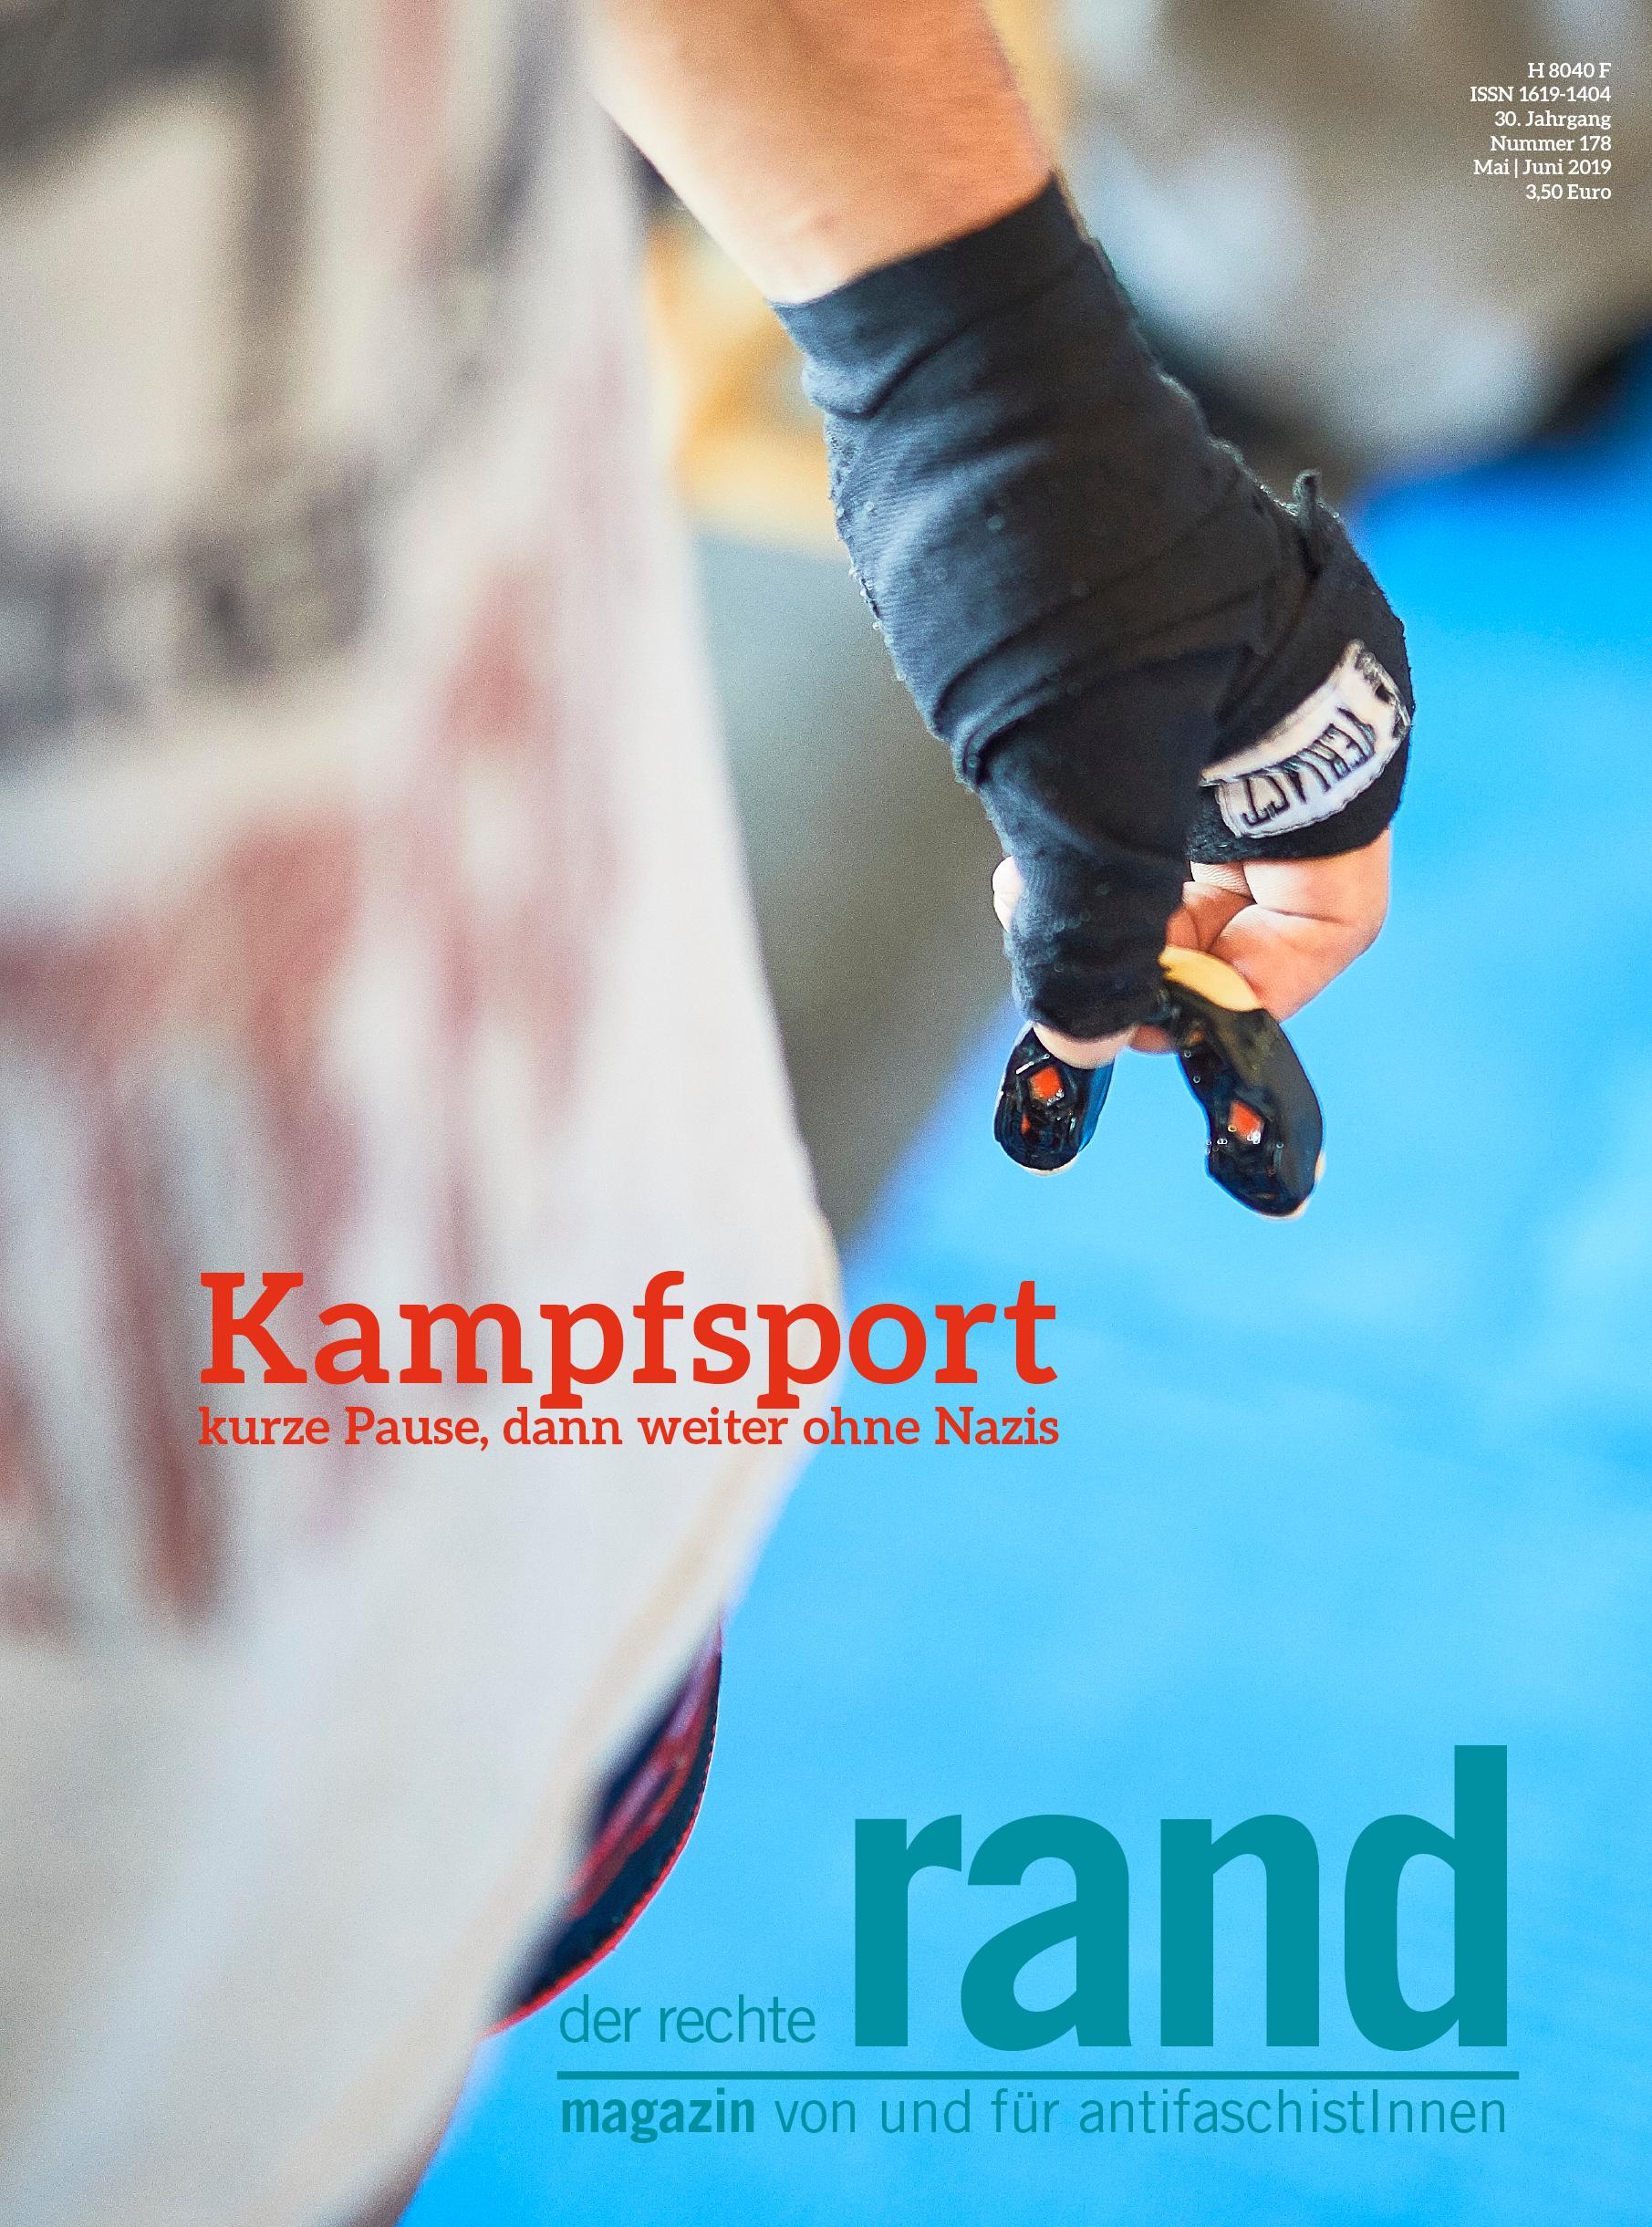 3. Weg, 1. Mai, Kampfsport, runter von der Matte, AfD Flügel, Bundeswehr, Hanibal